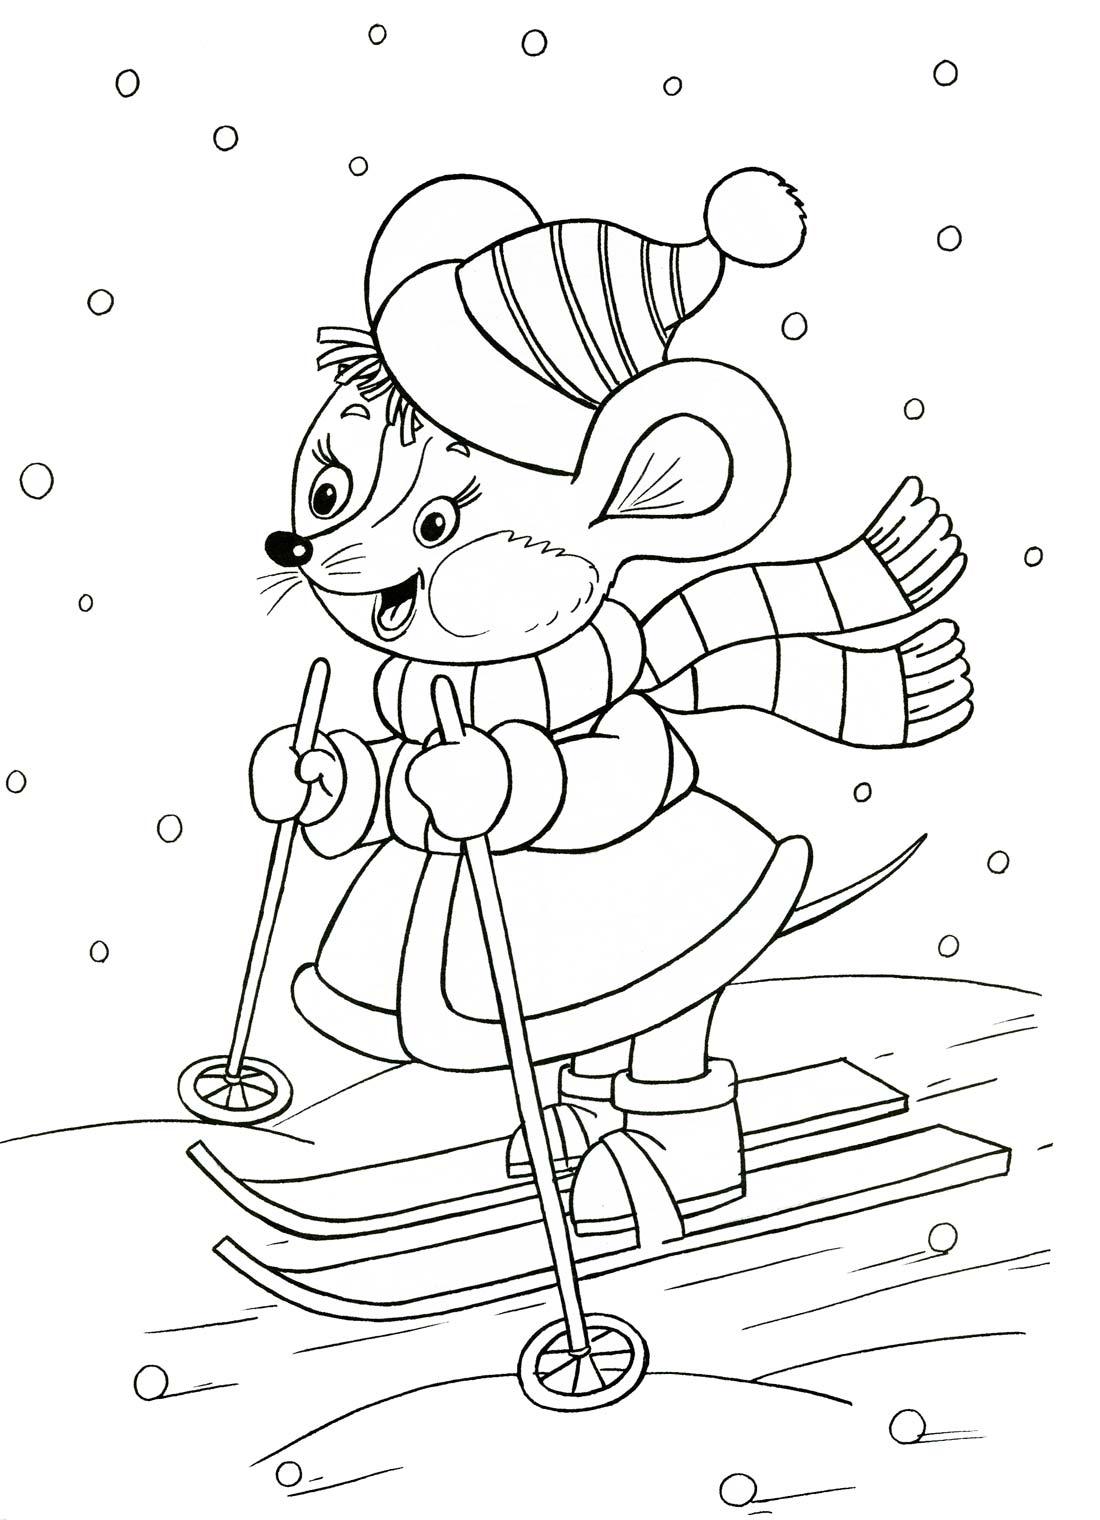 Мышка на лыжах Рисунок раскраска на зимнюю тему